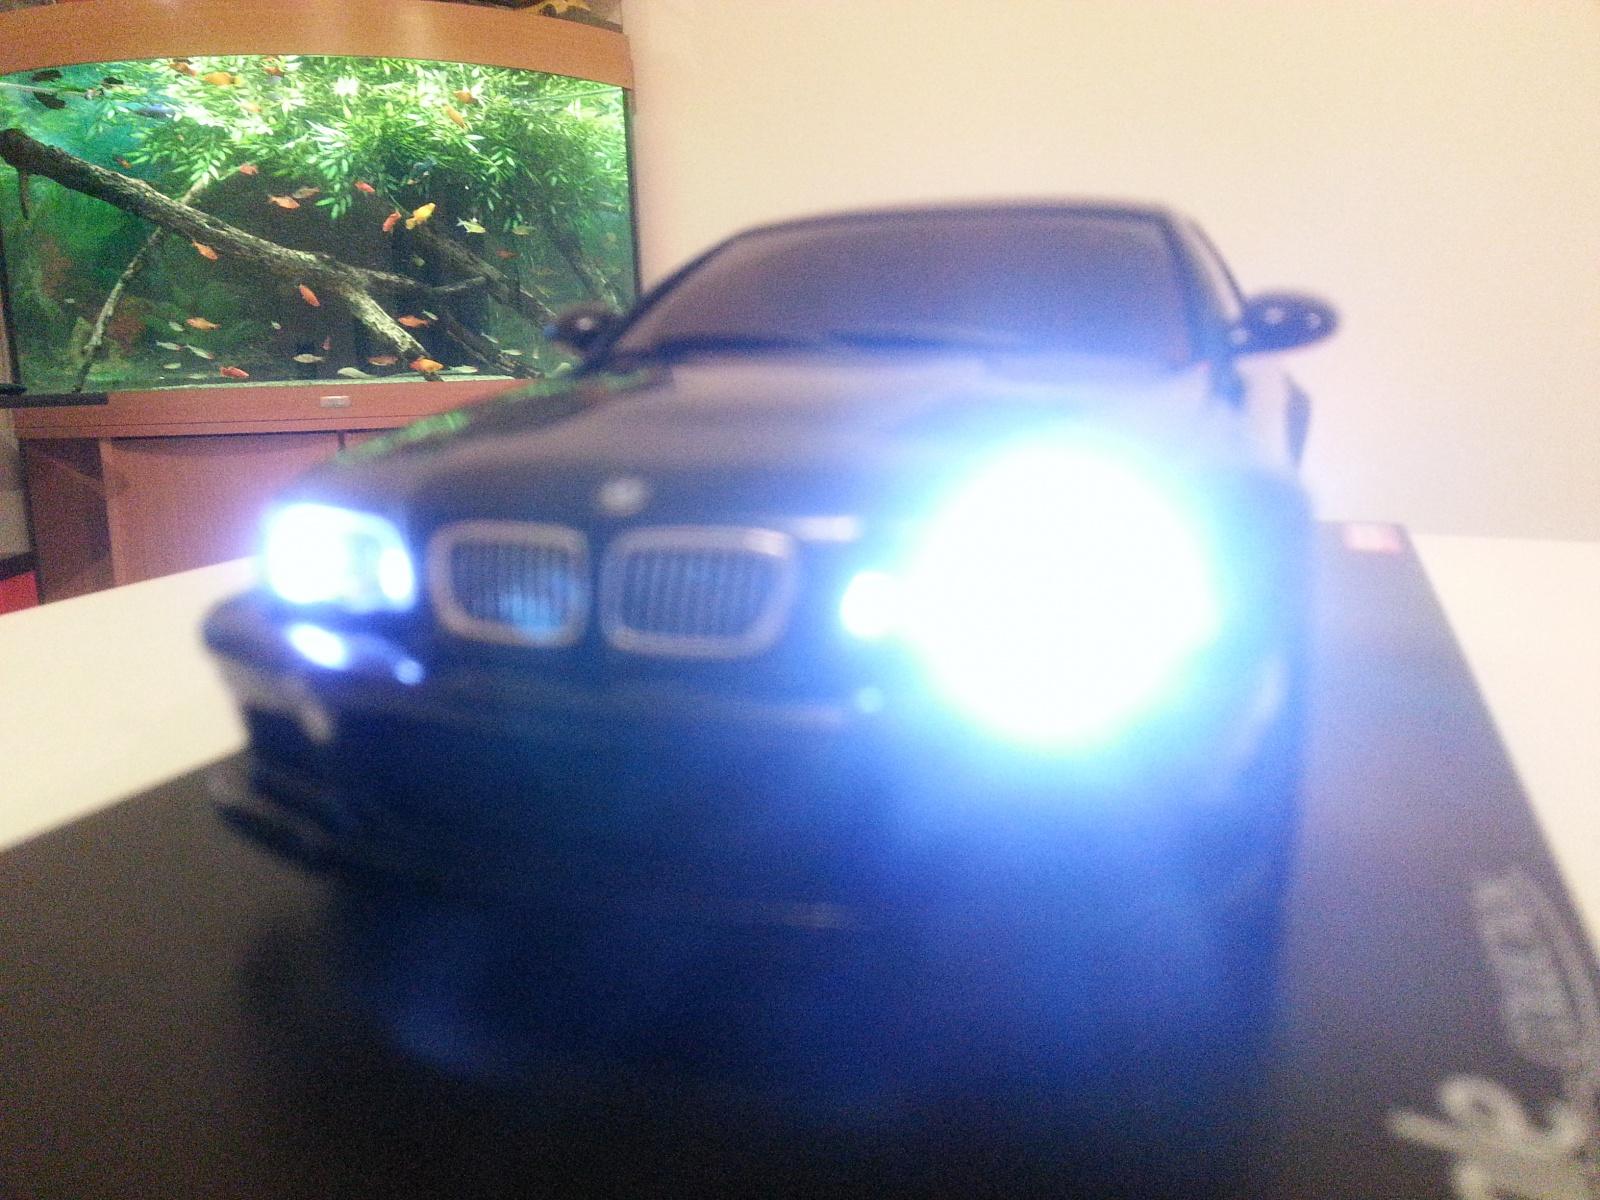 Kit lumières Atomic sur quelle carrosserie? 20501620130316193857